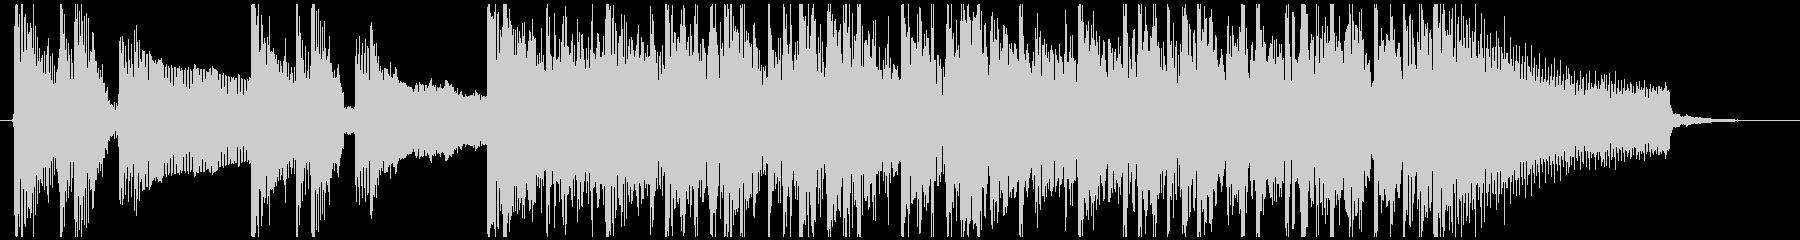 スラップベースが効果的なジングルの未再生の波形